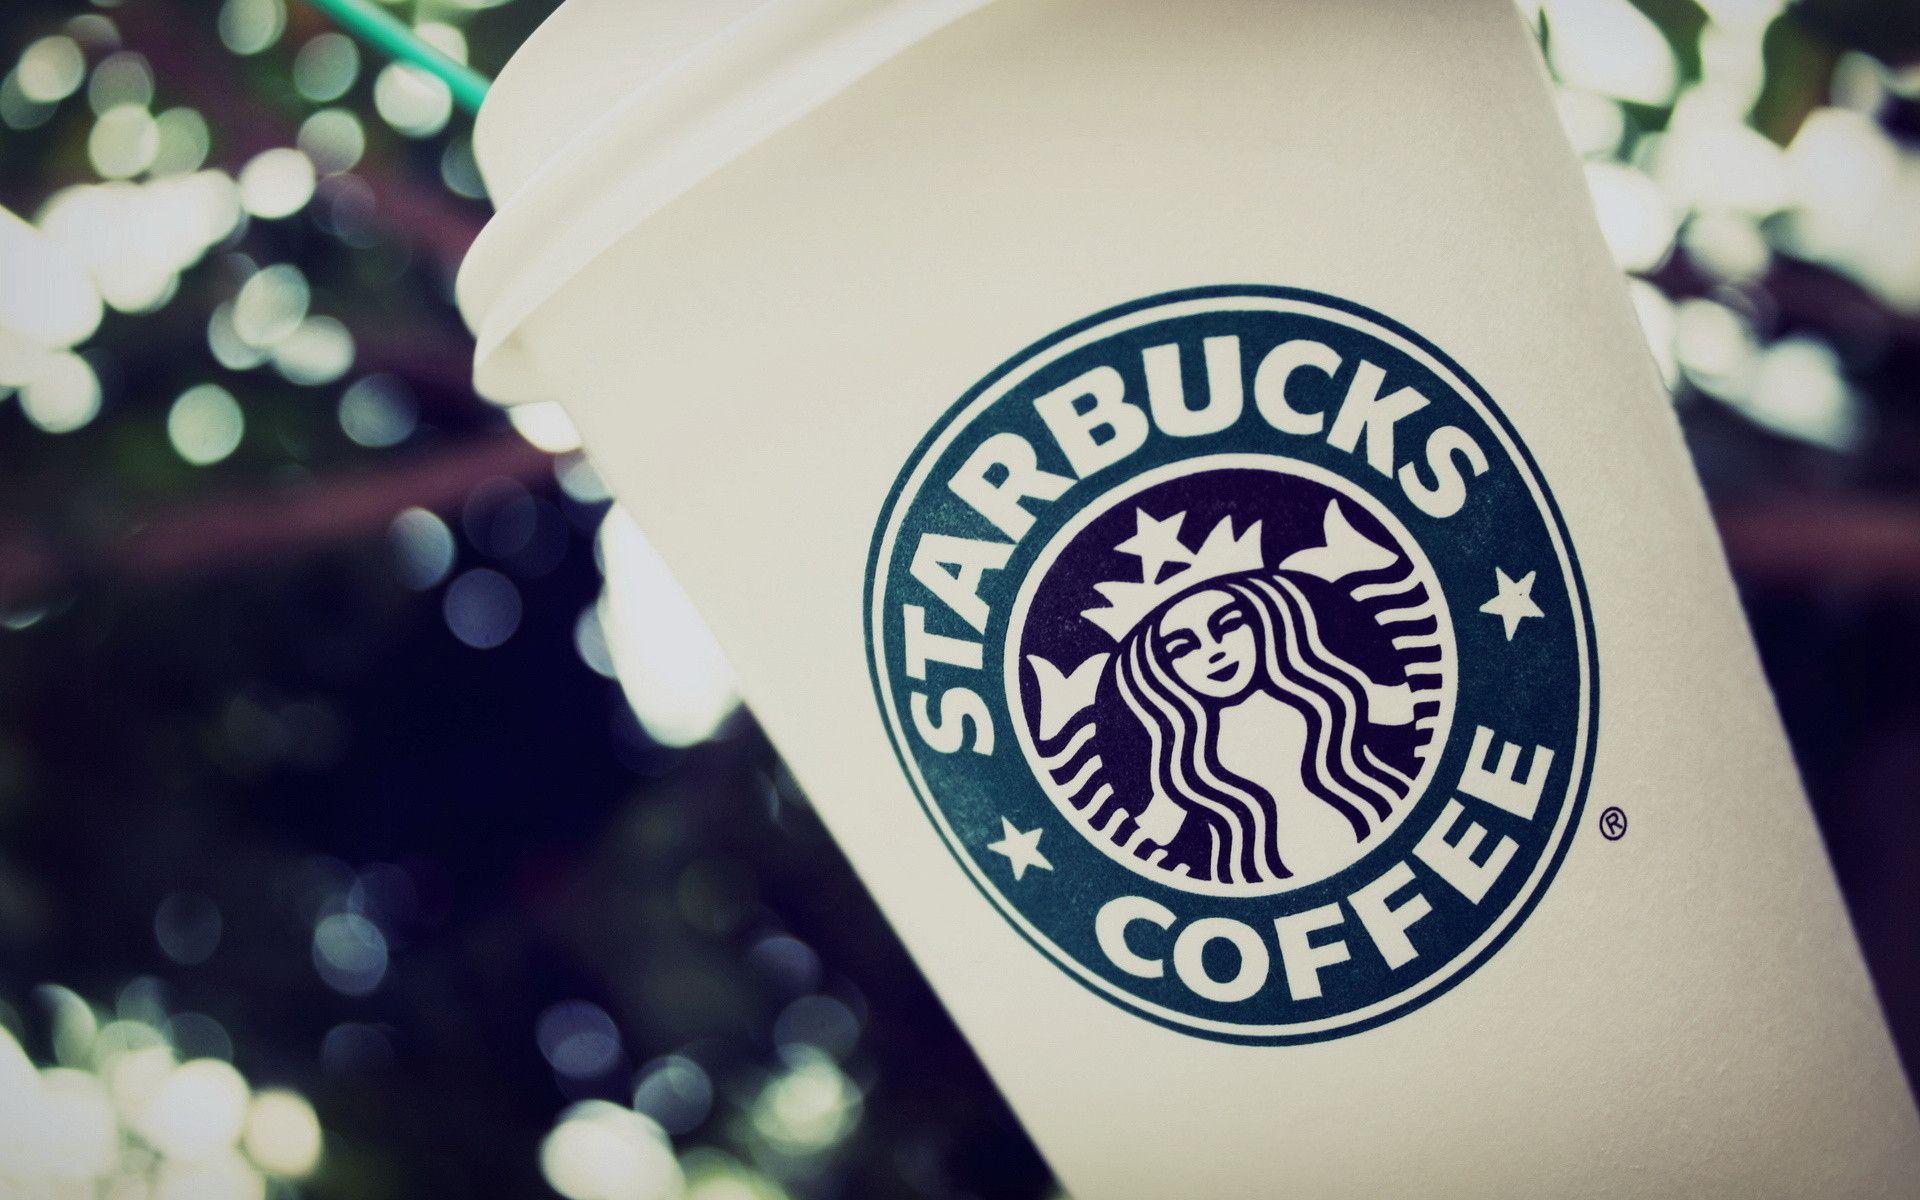 1 Starbucks Wallpapers | Starbucks Backgrounds